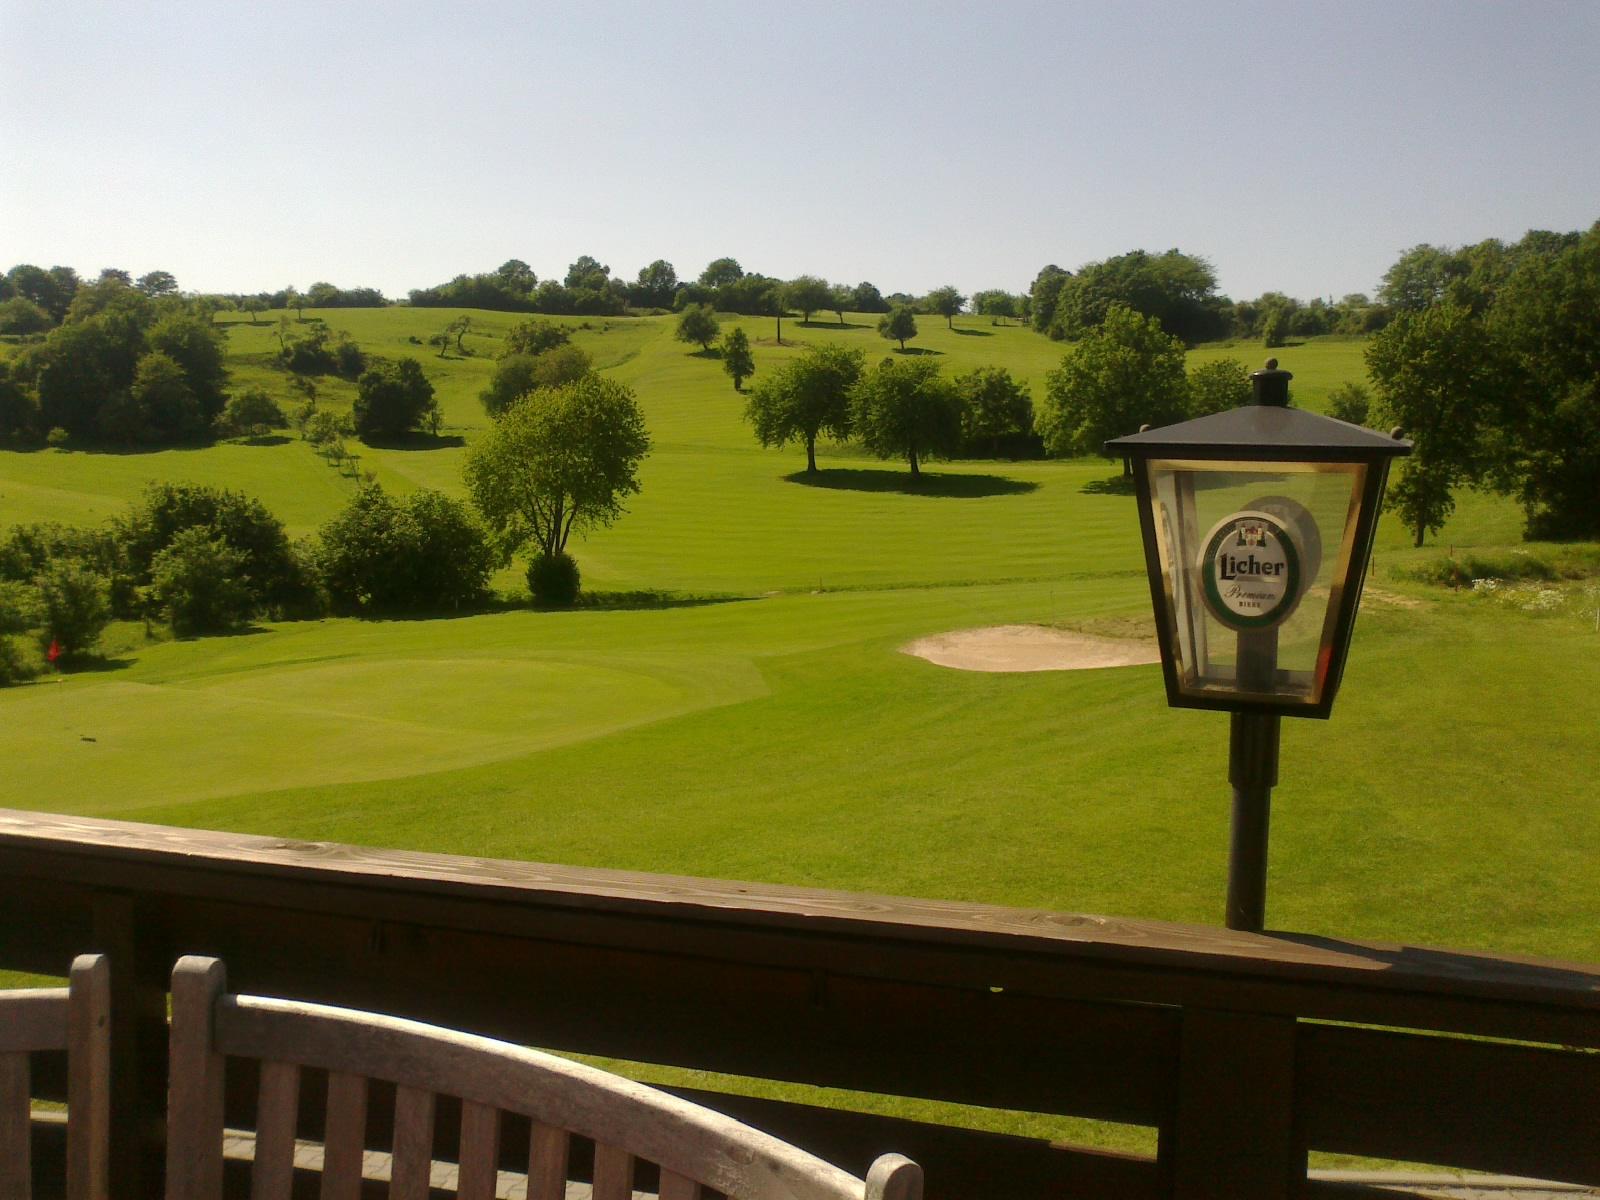 Overview of golf course named Golf Club Eschenrod e.V.